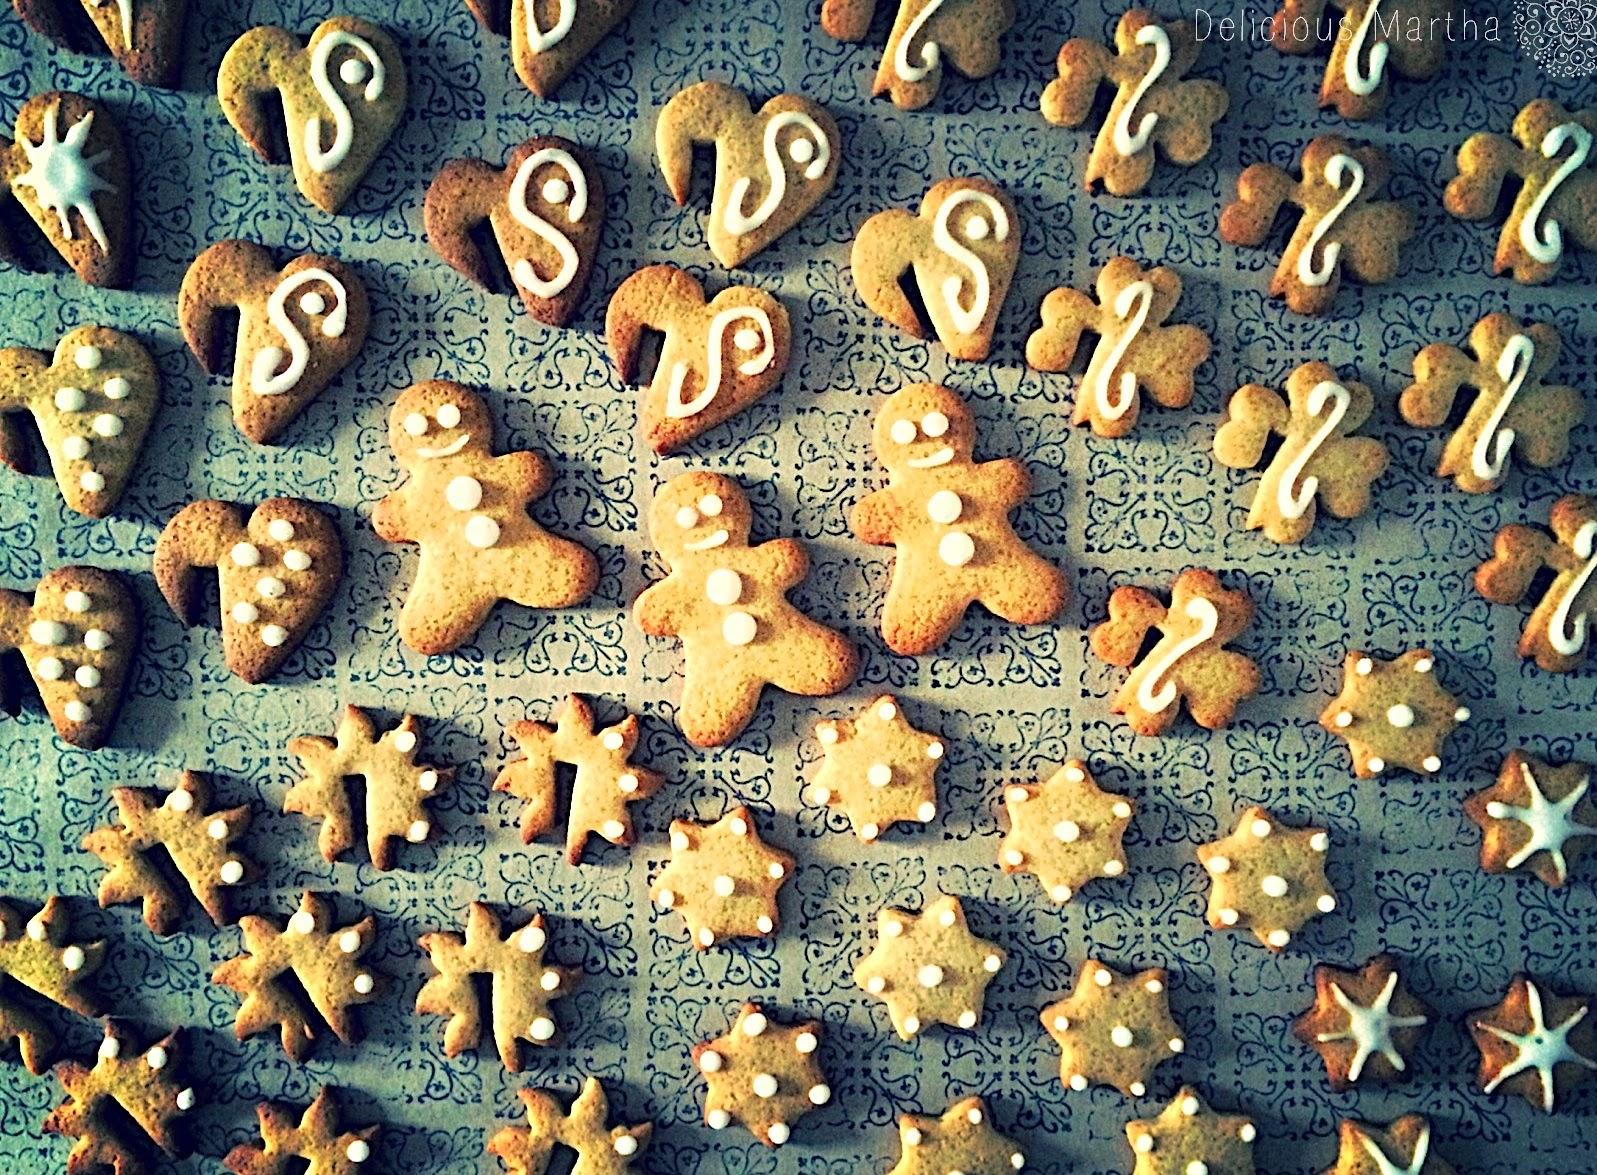 Christmas Ginger Cookies (Galletas de jengibre)